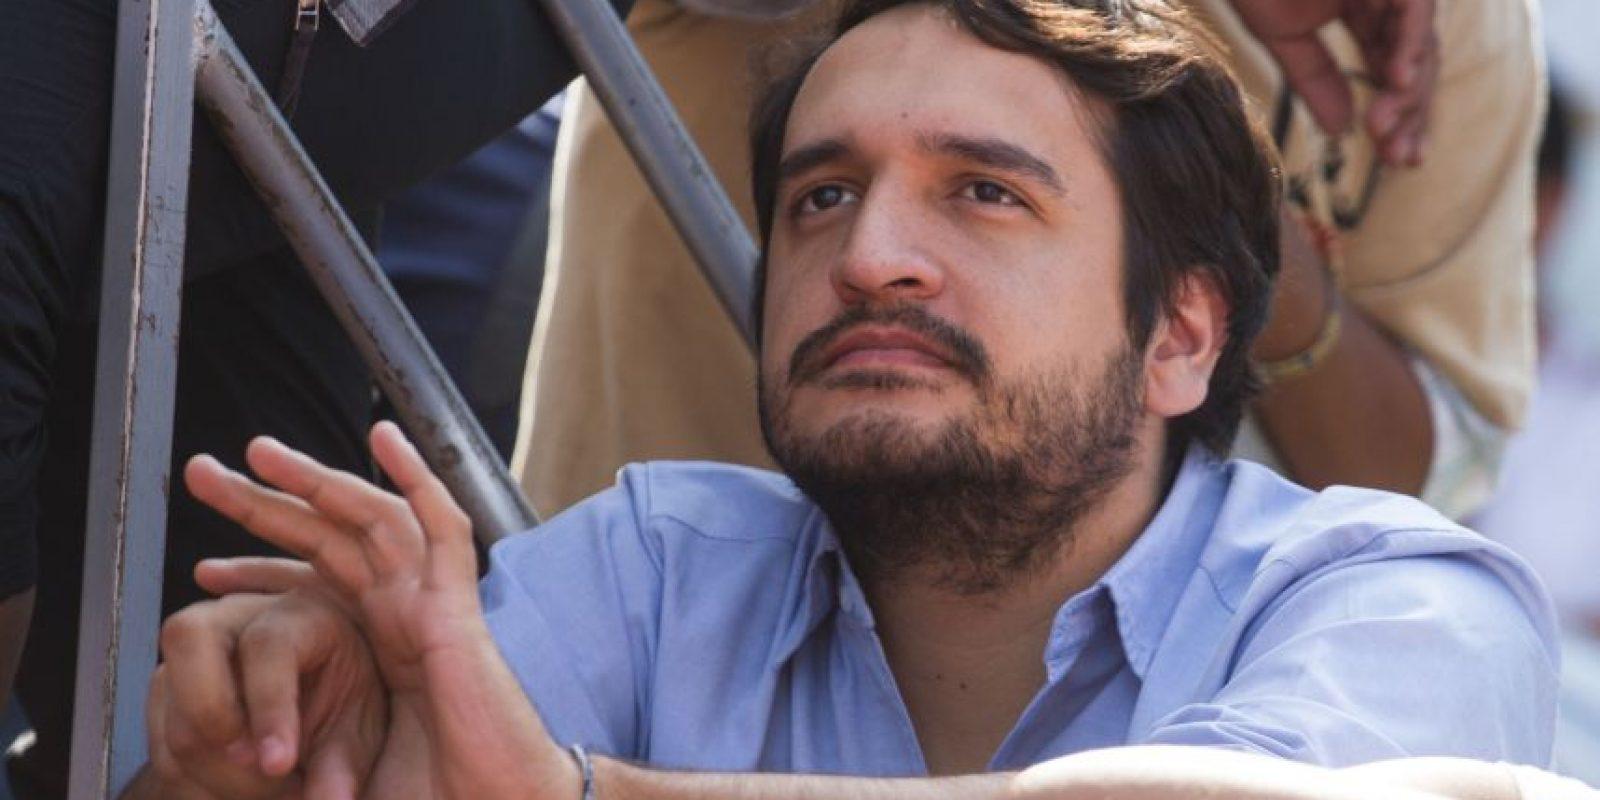 El hijo de López obrador también se vio envuelto en la polémica por unos tenis Foto:cuartoscuro